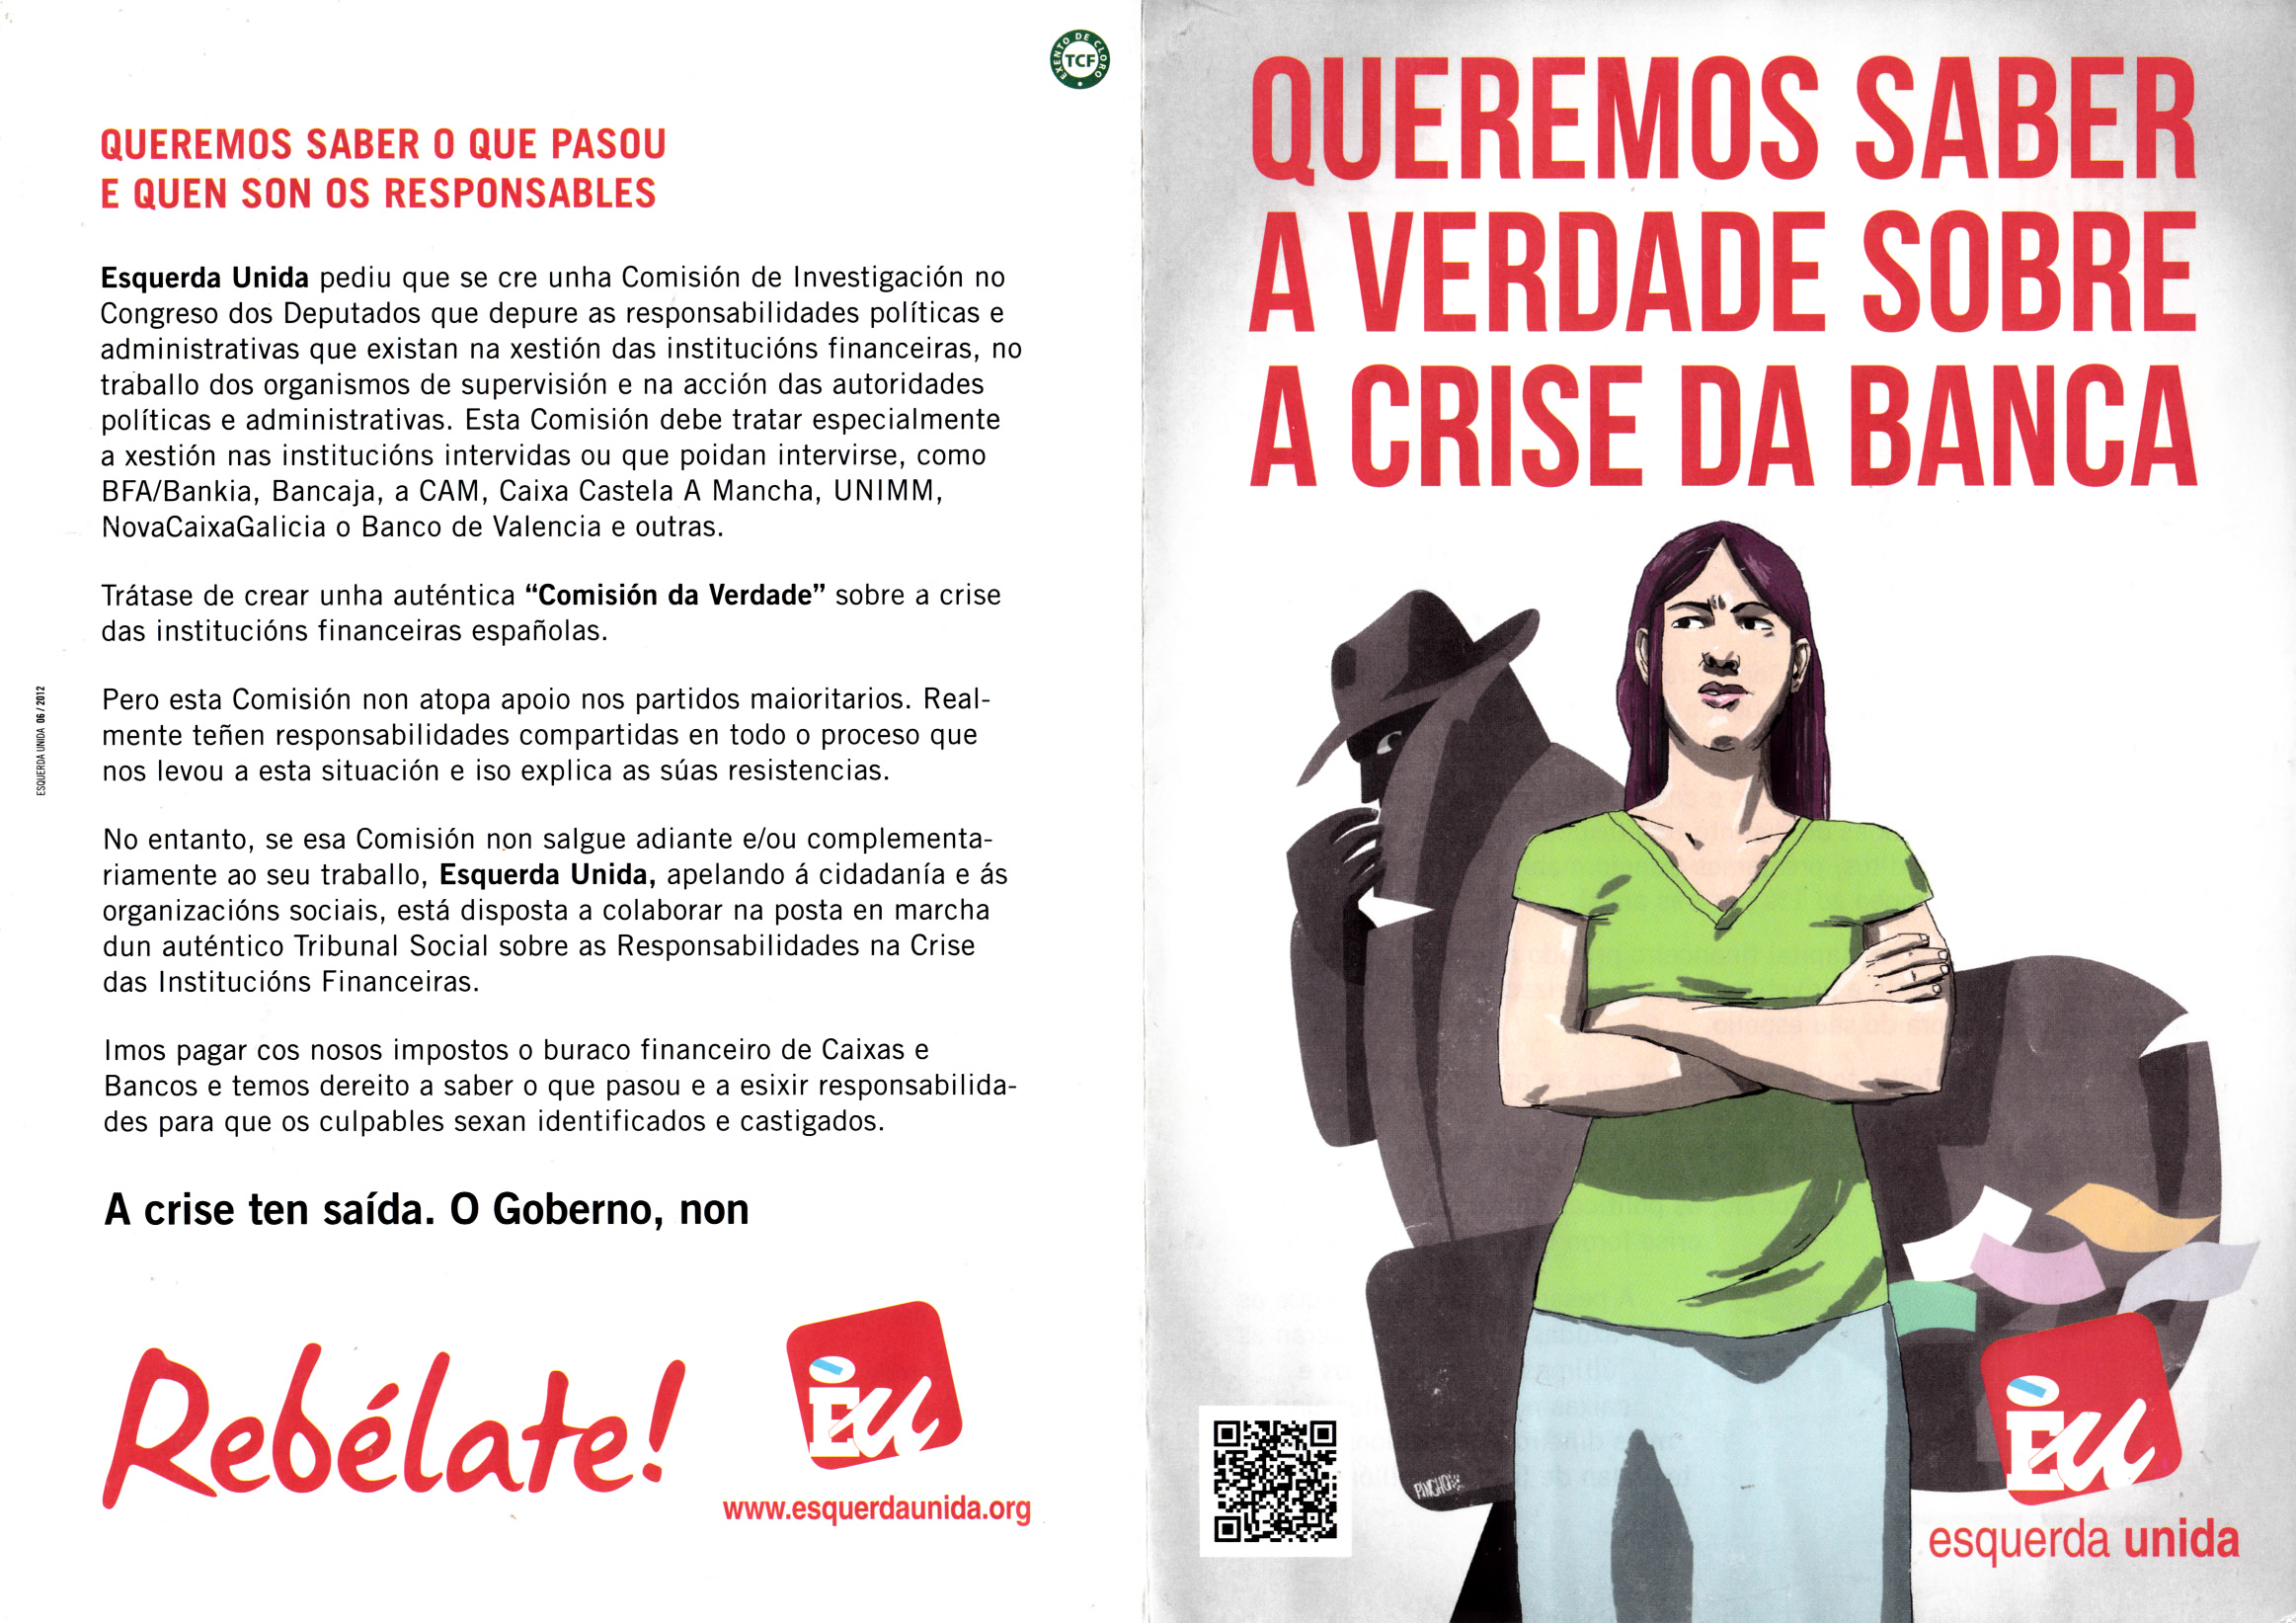 eu_folheto_0003